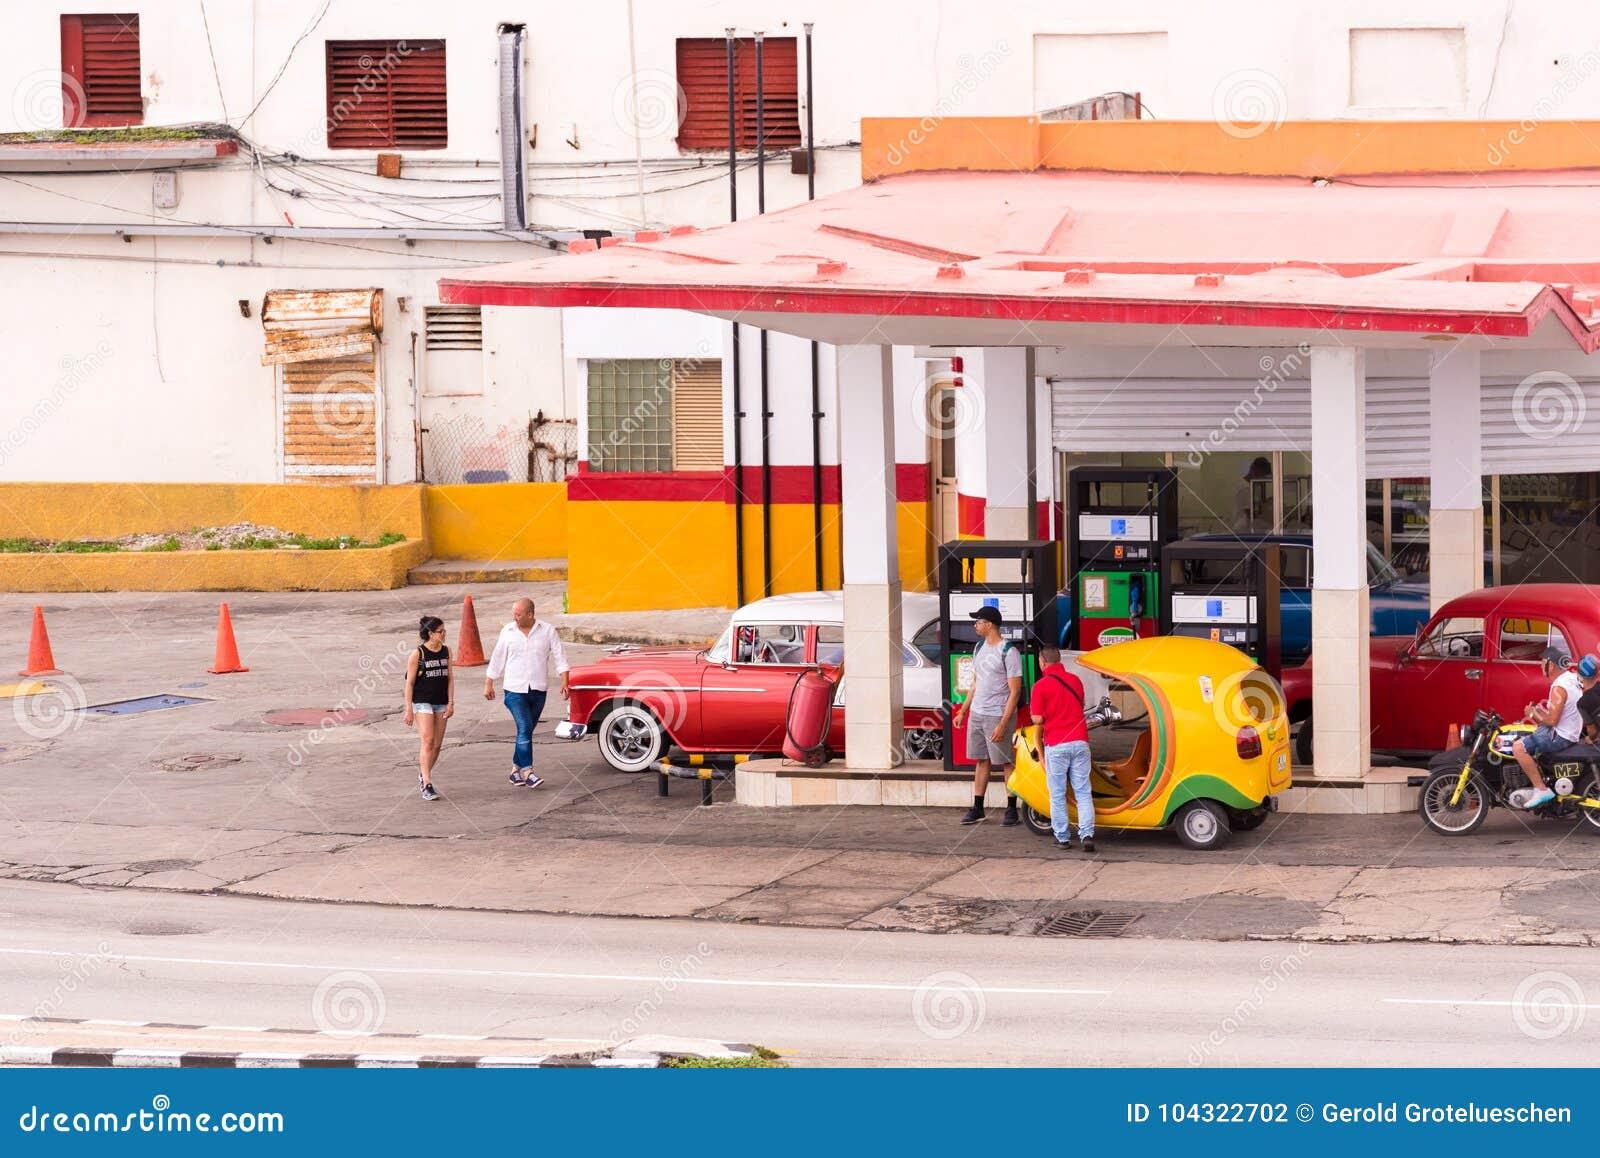 KUBA HAVANNACIGARR - MAJ 5, 2017: Sikt av bensinstationen Kopiera utrymme för text